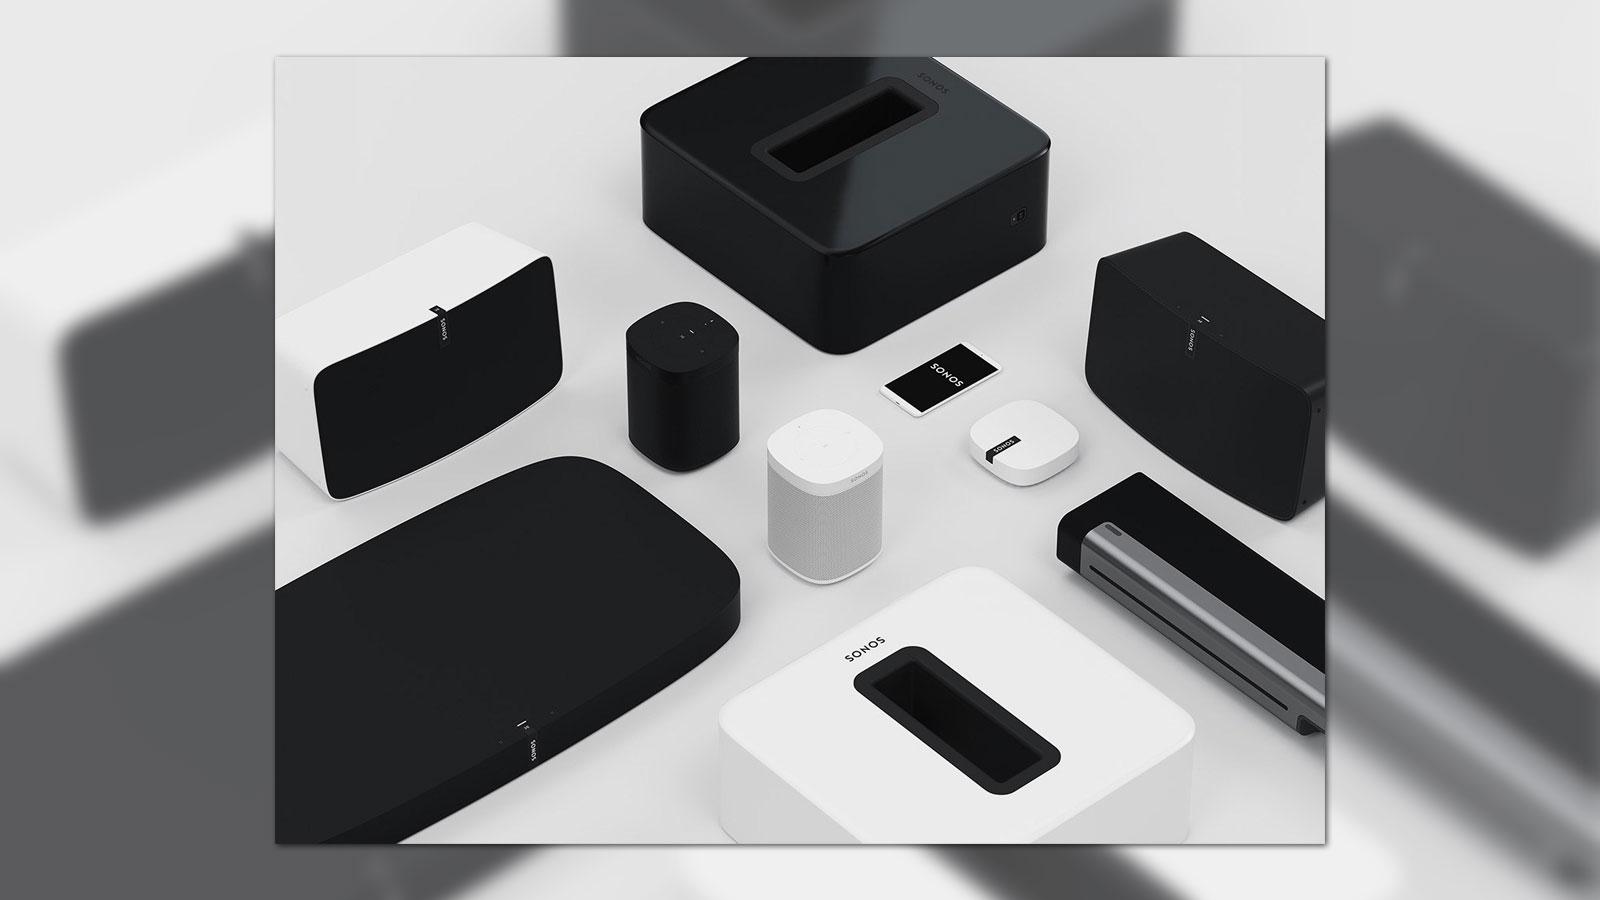 Sonos : certains produits vont arrêter de recevoir des mises à jour en mai prochain